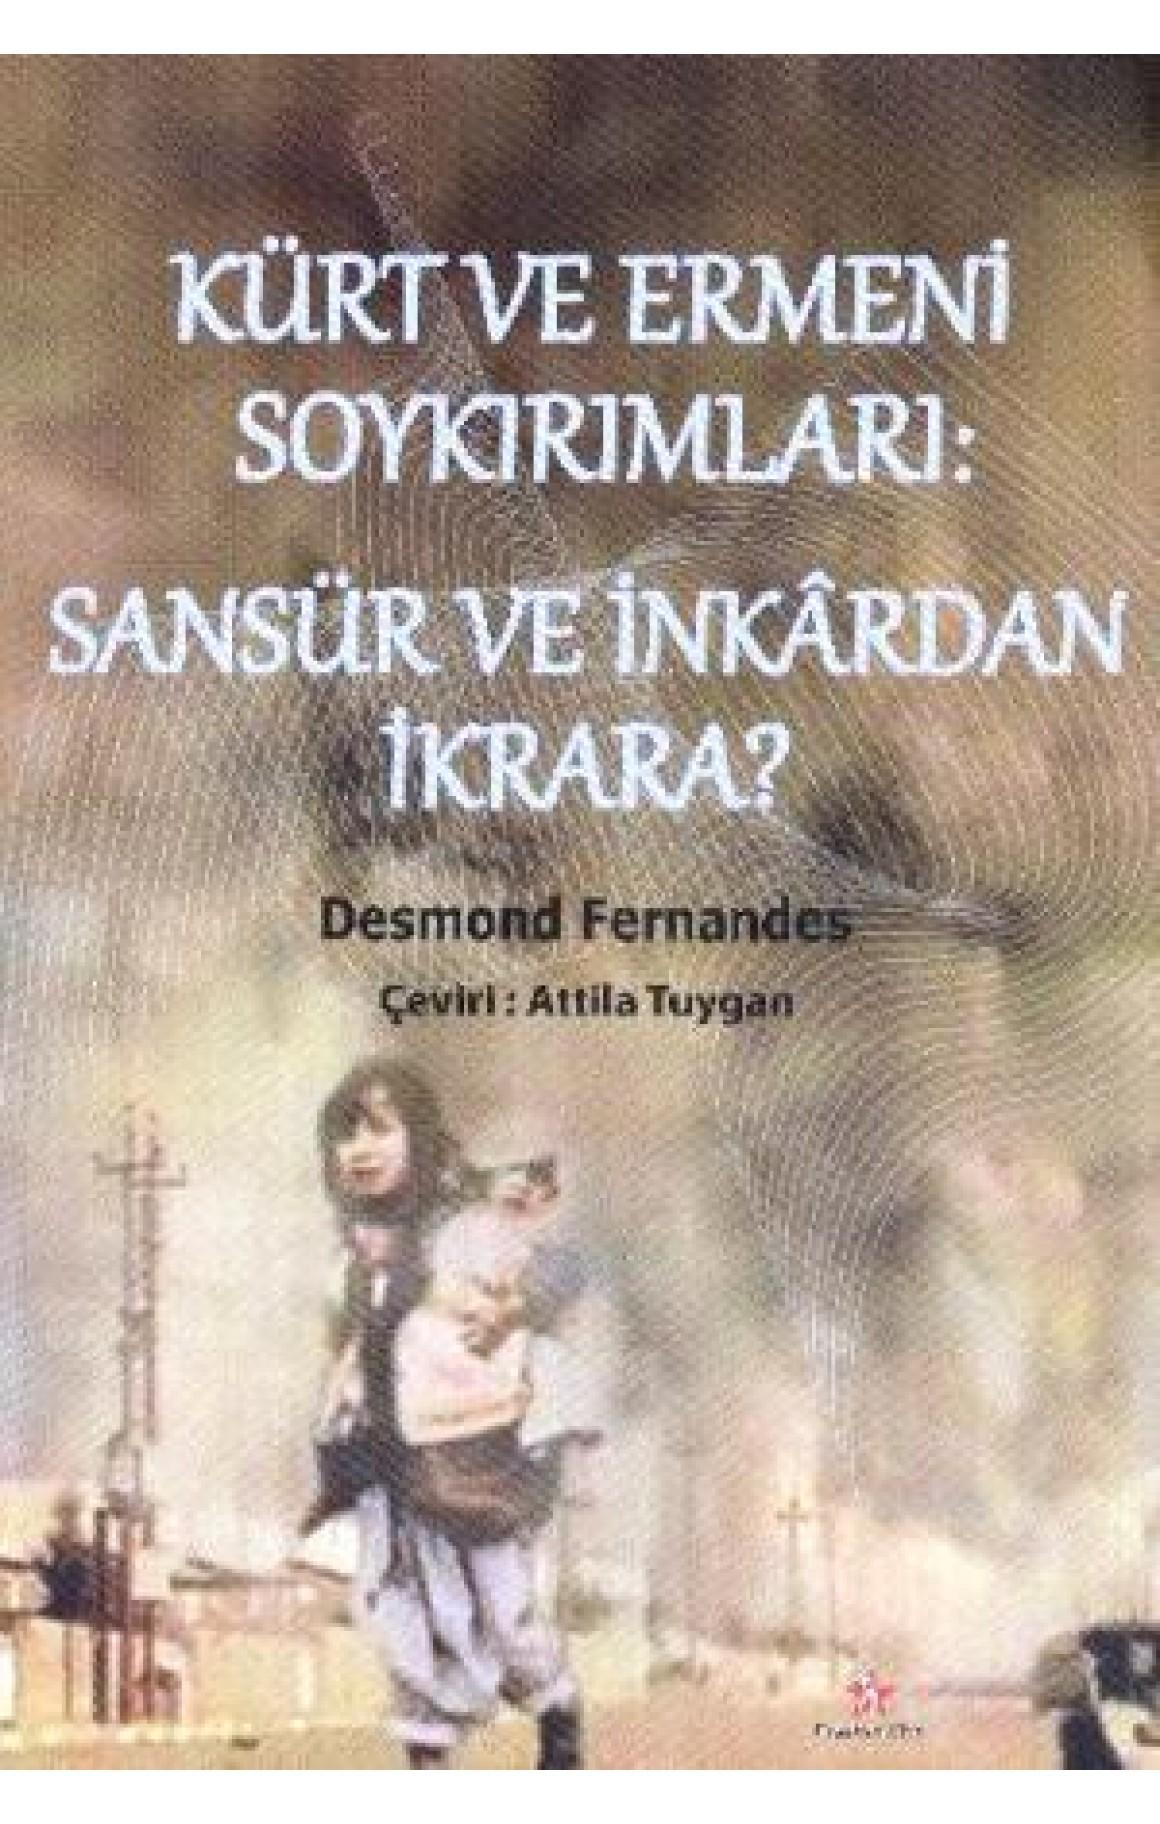 Kürt ve Ermeni Soykırımları: Sansür ve İnkardan İkrara?